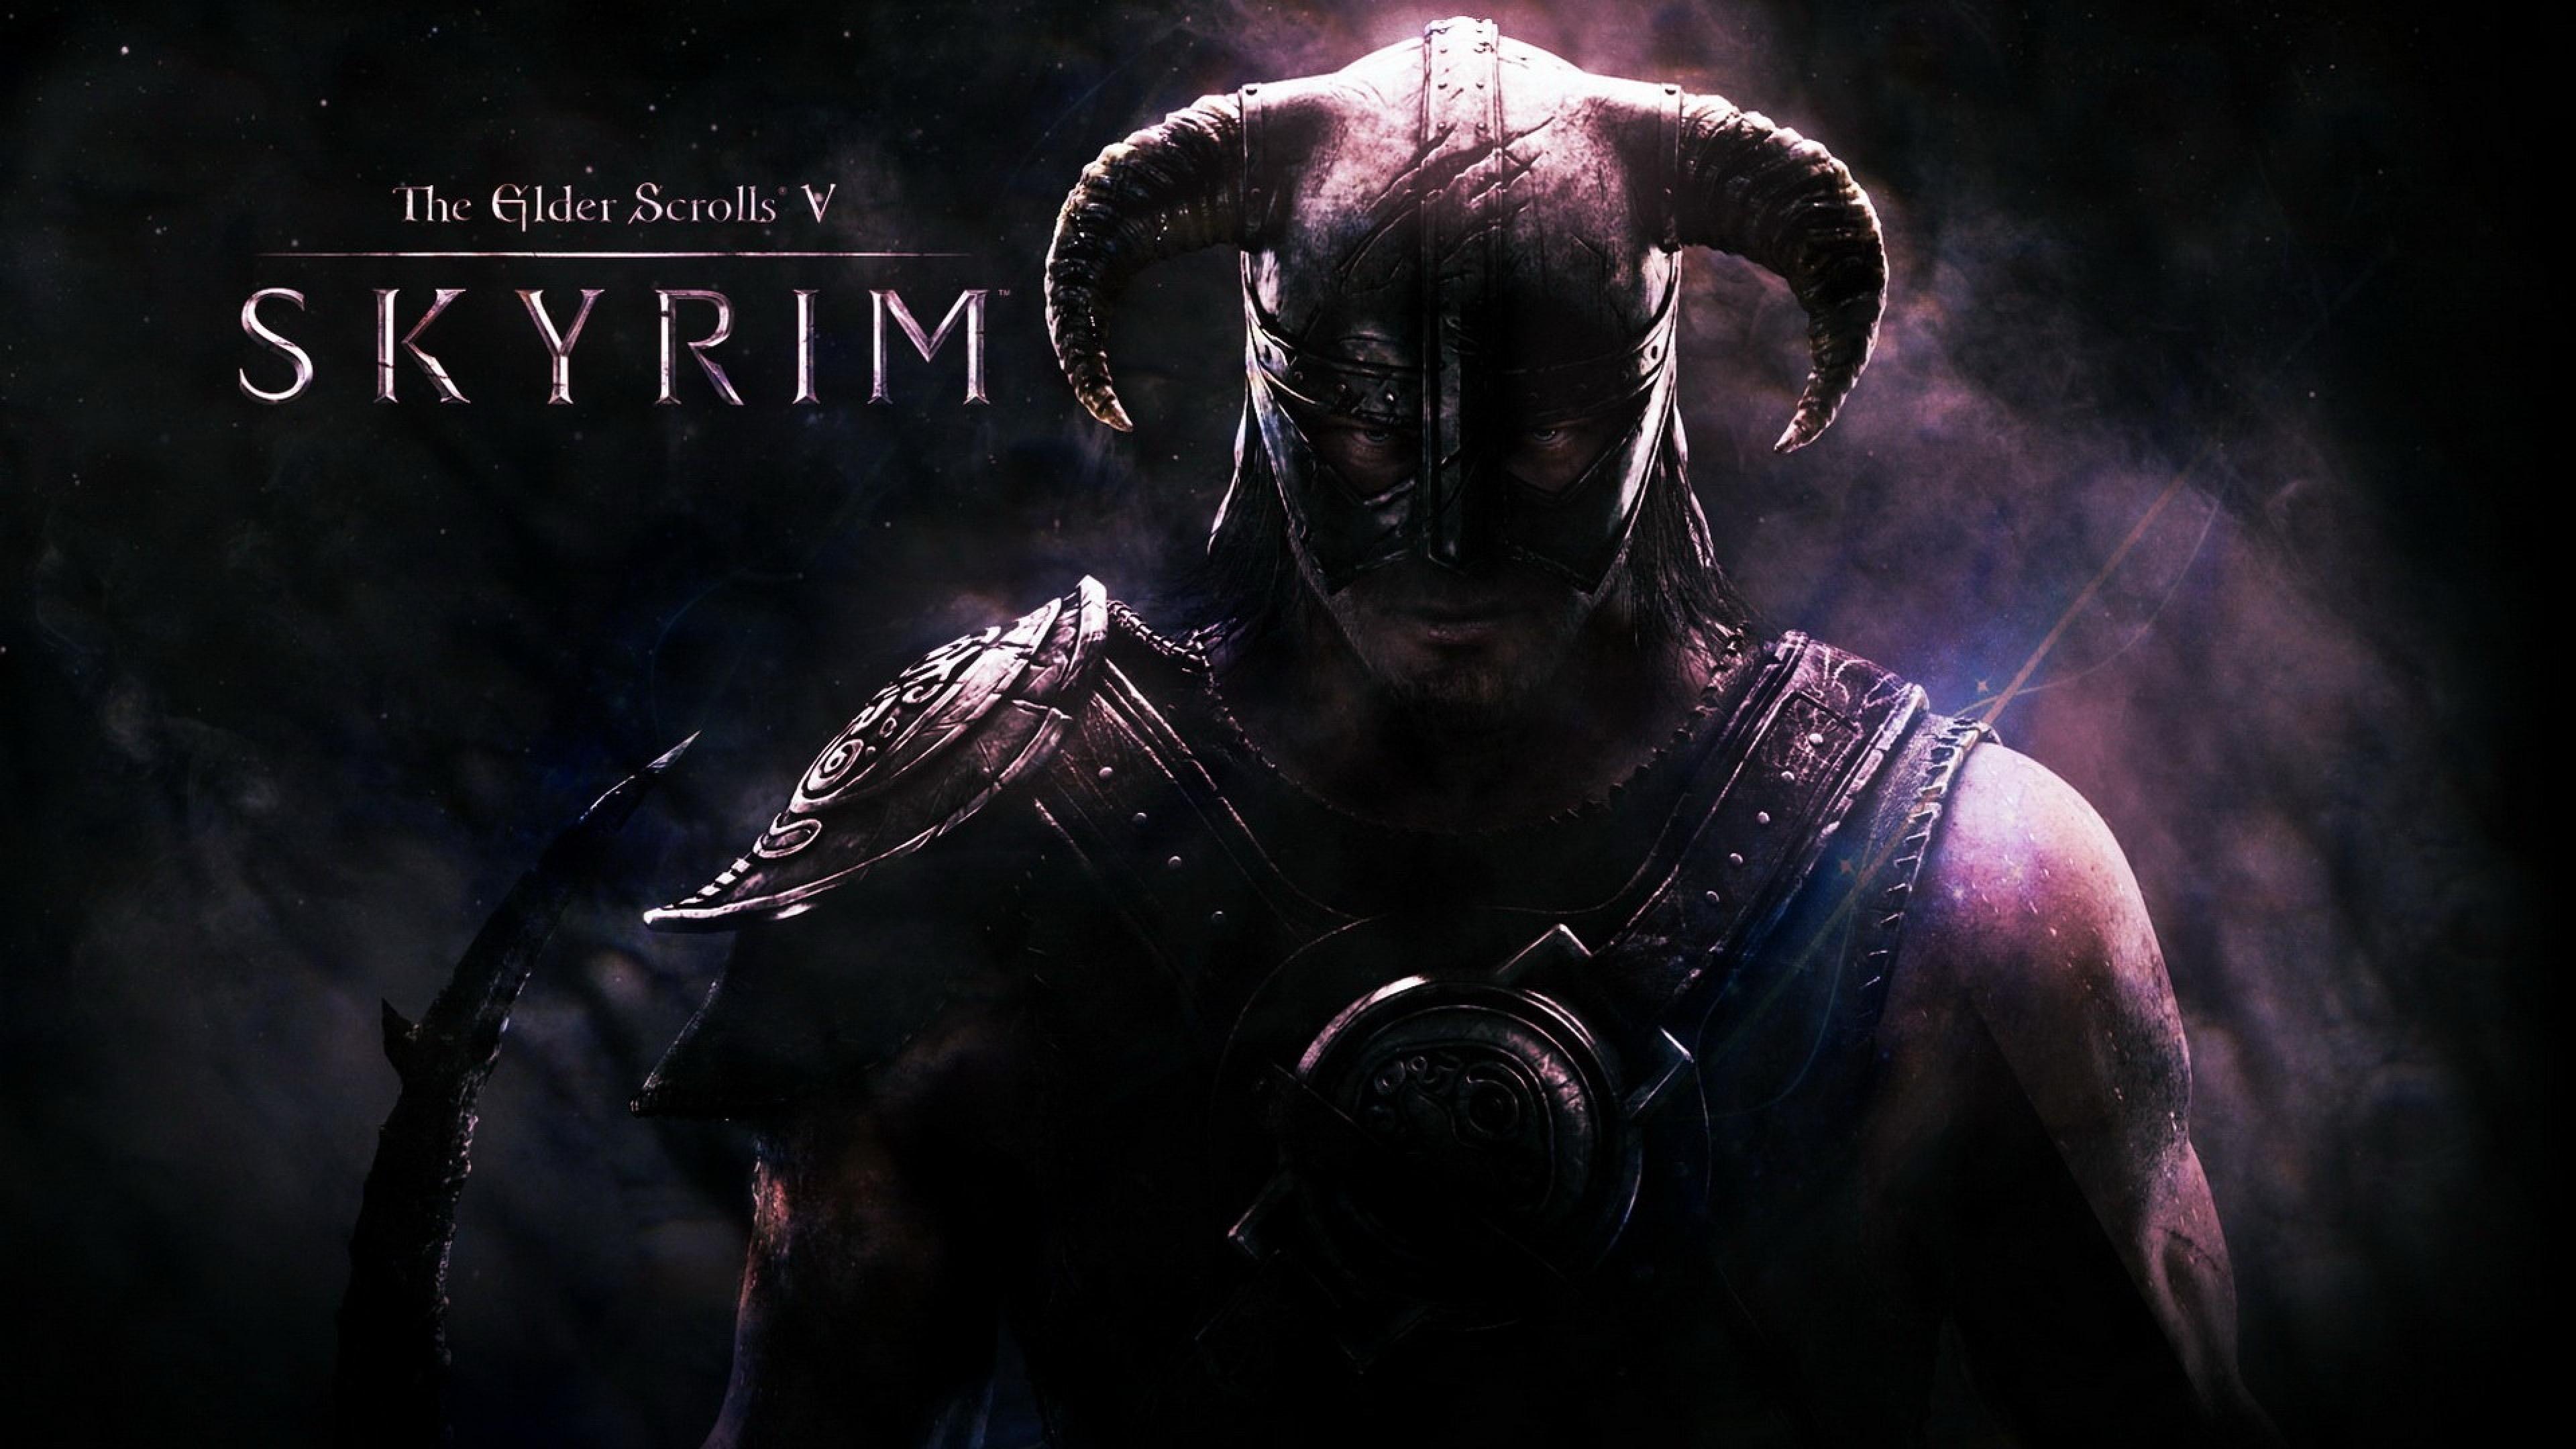 Download Wallpaper 3840x2160 the elder scrolls skyrim warrior helmet 3840x2160